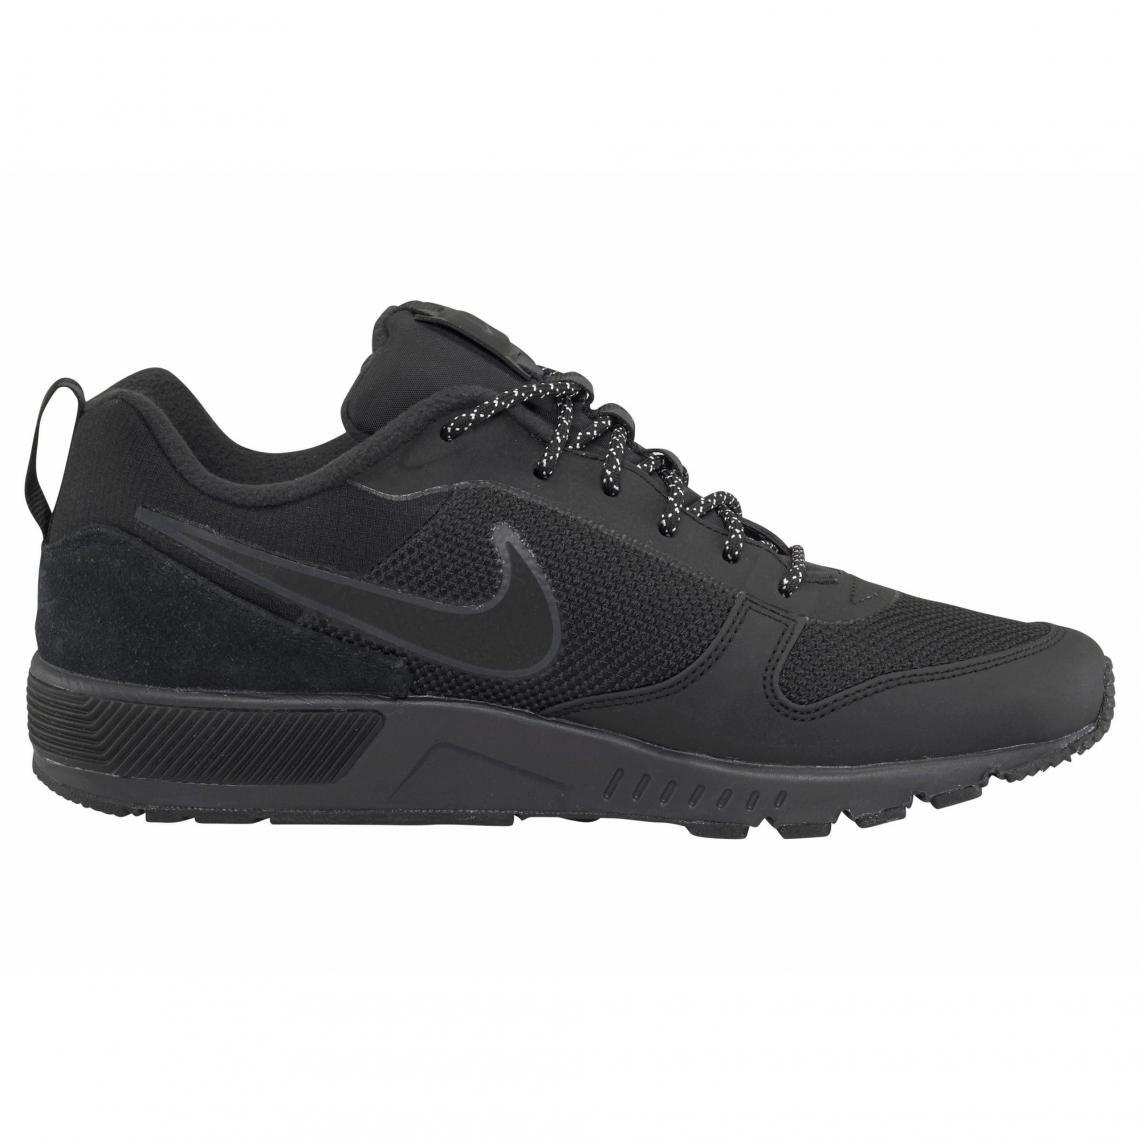 Noir et Nightgazer textile Noir cuir Nike homme Trail Sneakers zv58qn